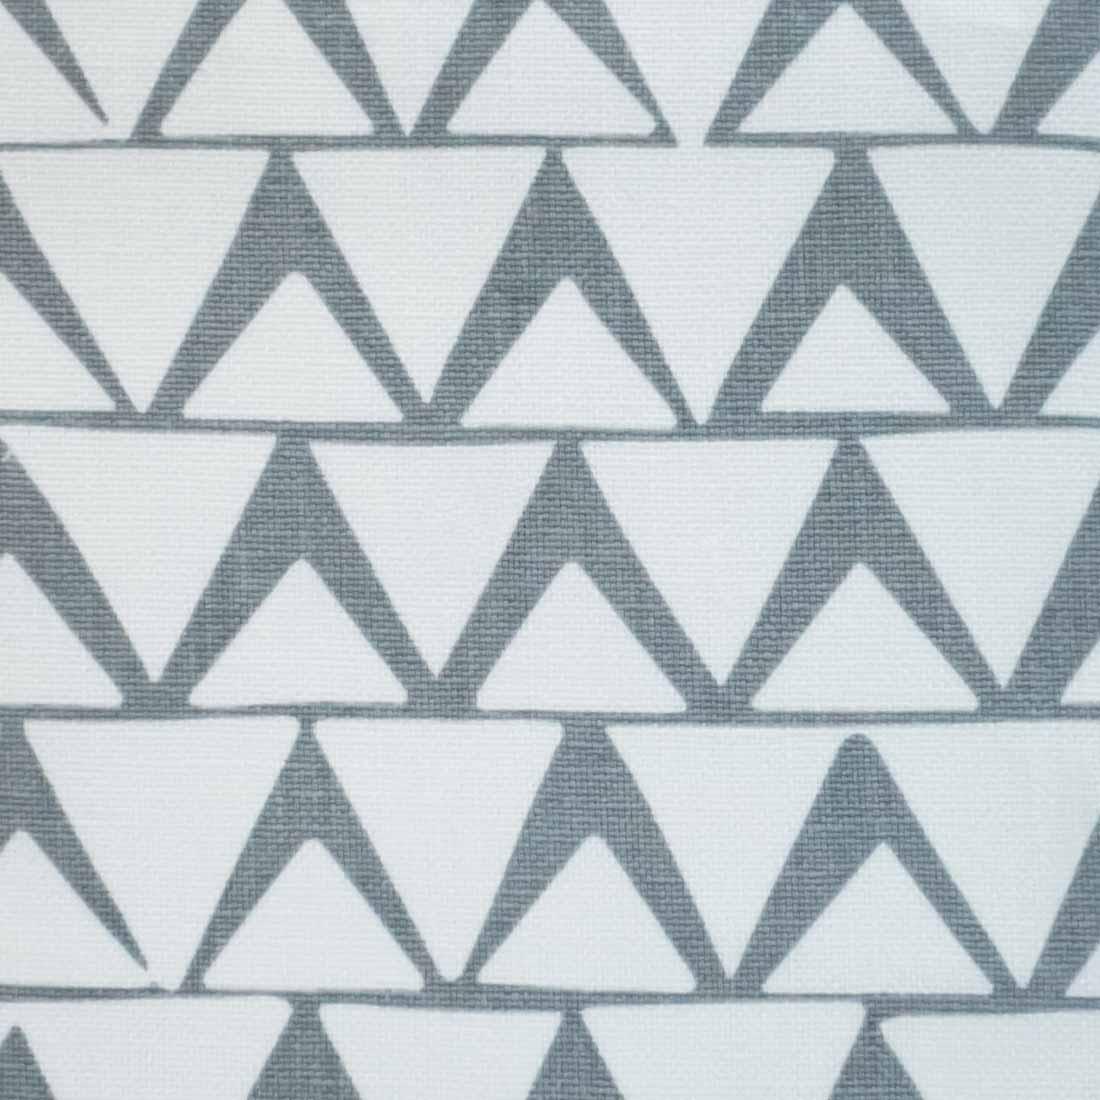 Triangles Inverse in Platinum